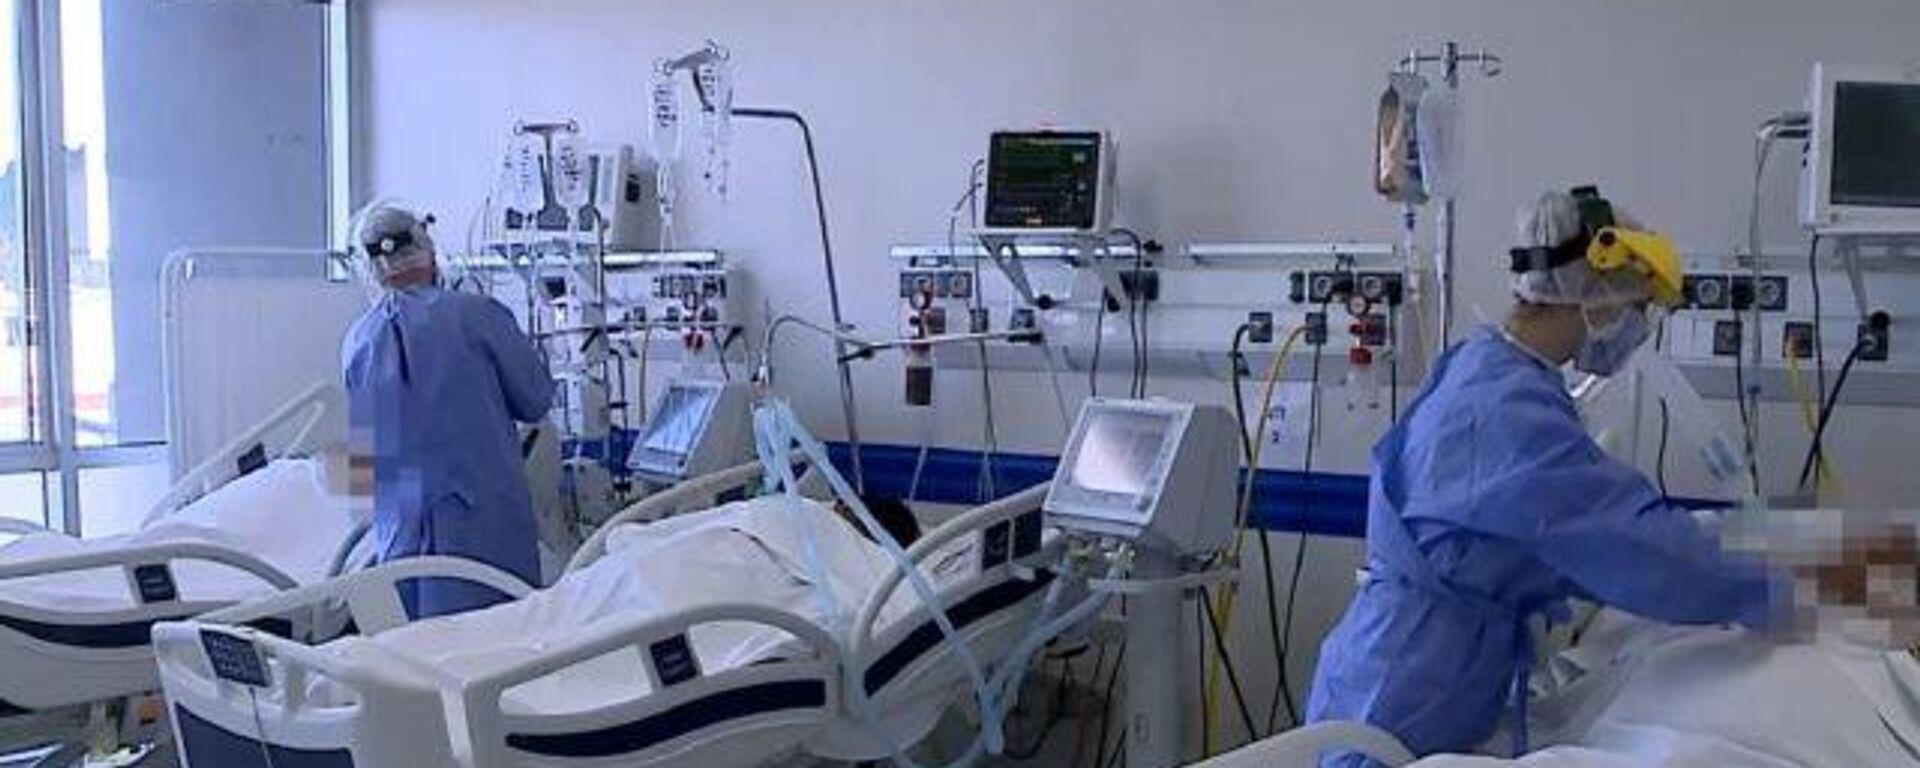 Las unidades de cuidados intensivos están llenas y los casos por COVID-19 aumentan en Argentina - Sputnik Mundo, 1920, 04.06.2021